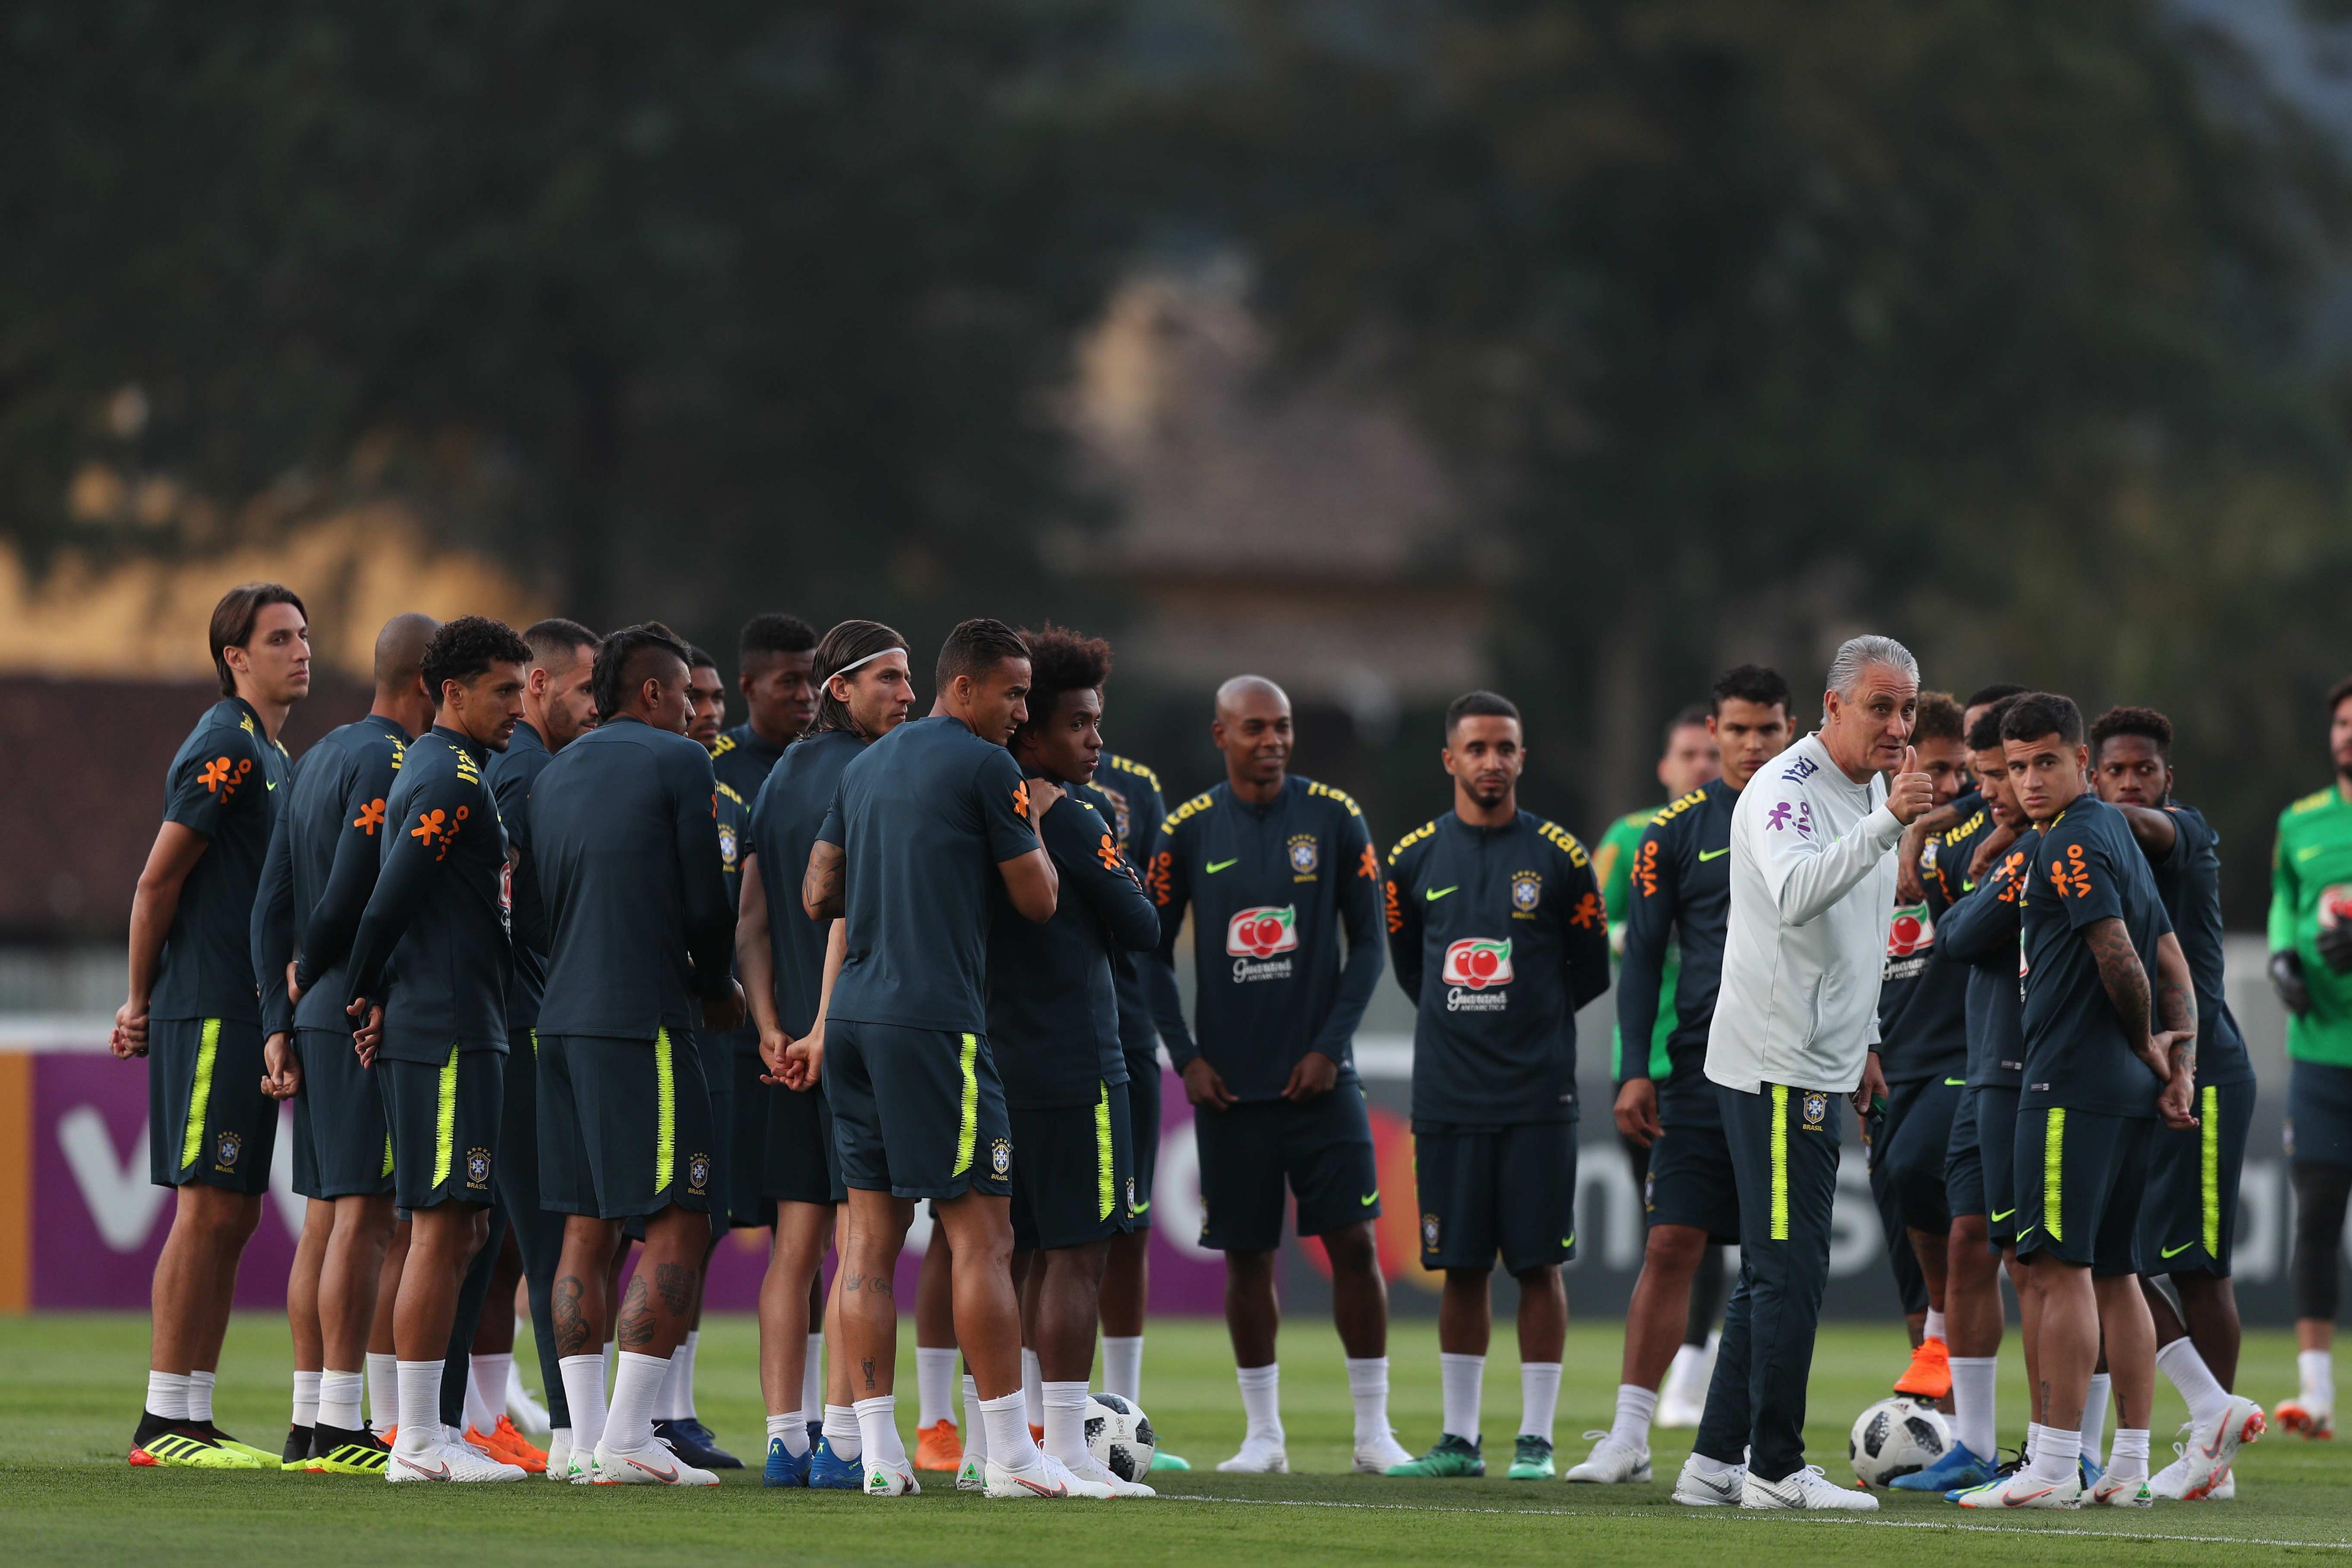 La selección de Brasil tuvo una práctica hoy, viernes 25 de mayo de 2018, a puertas abiertas para despedirse de sus hinchas EFE/Marcelo Sayão